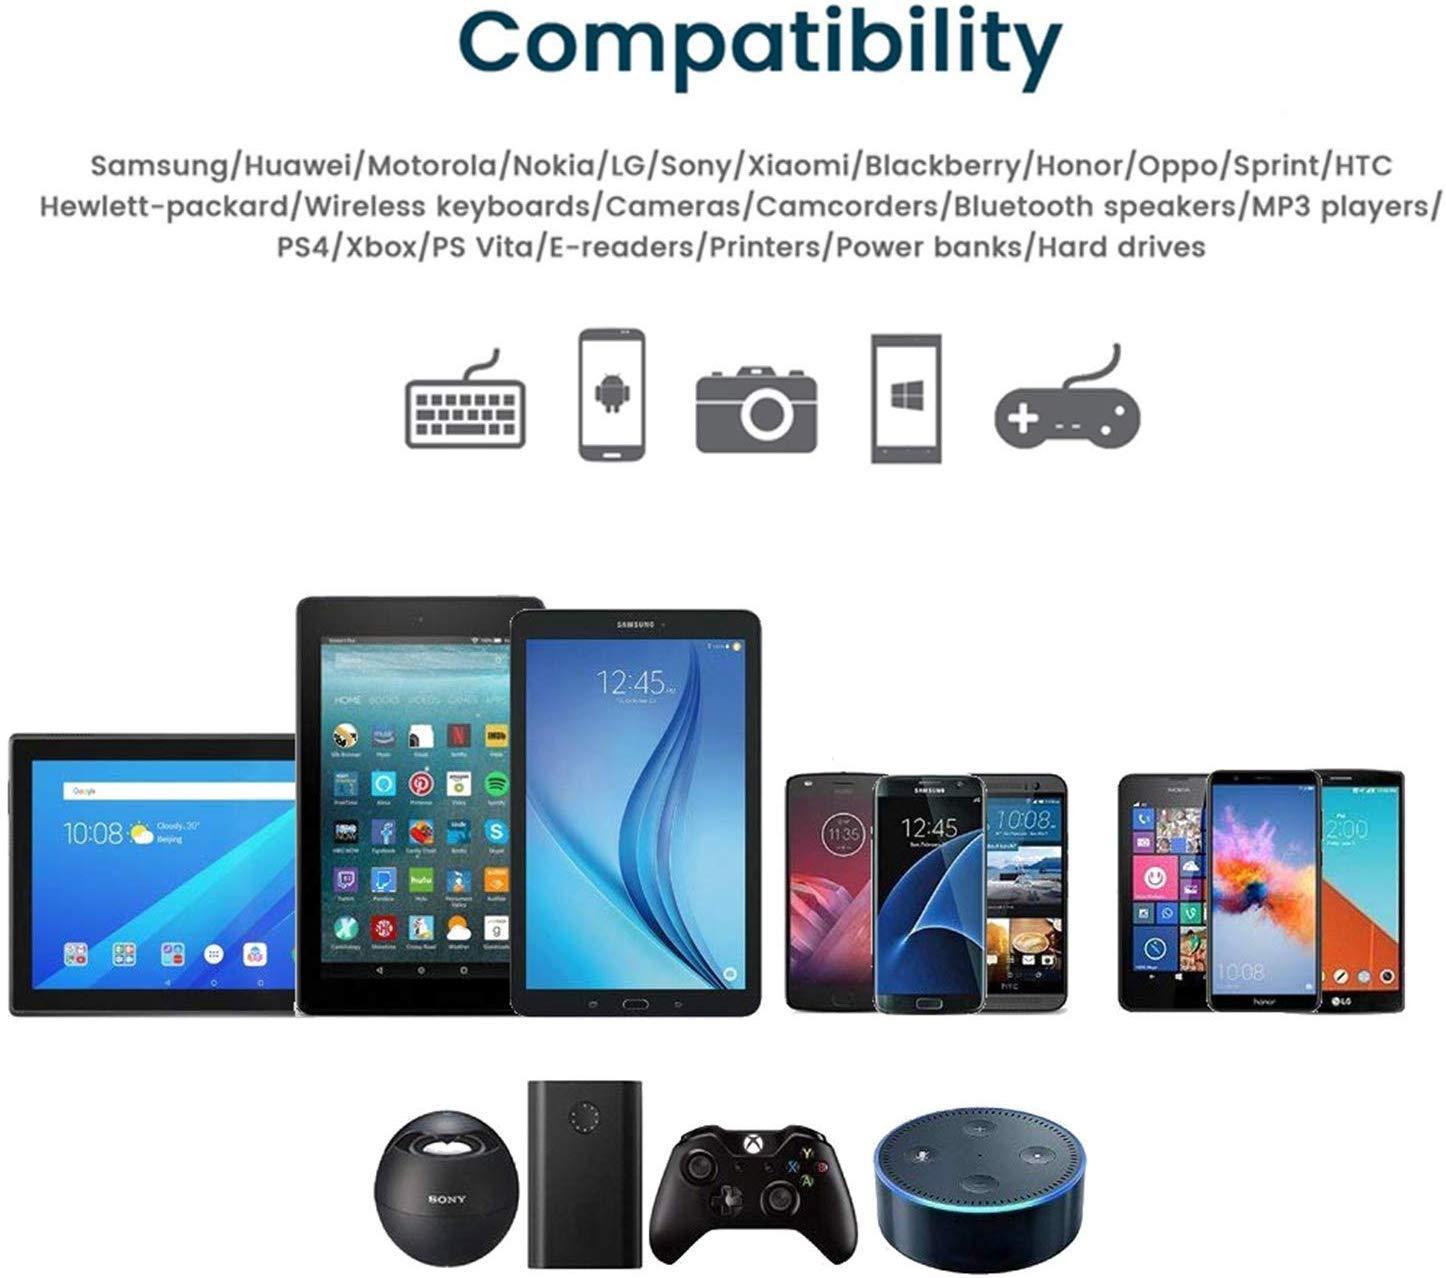 Nylon Cavo USB Micro USB Android Trasferimento Dati e Ricarica Rapida Compatibile con Samsung S5//S6//S7 QGhappy Cavo Micro USB, 4 Pezzi:1m,1m,2m,3m PS4 HTC,LG,HTC,Kindle Huawei